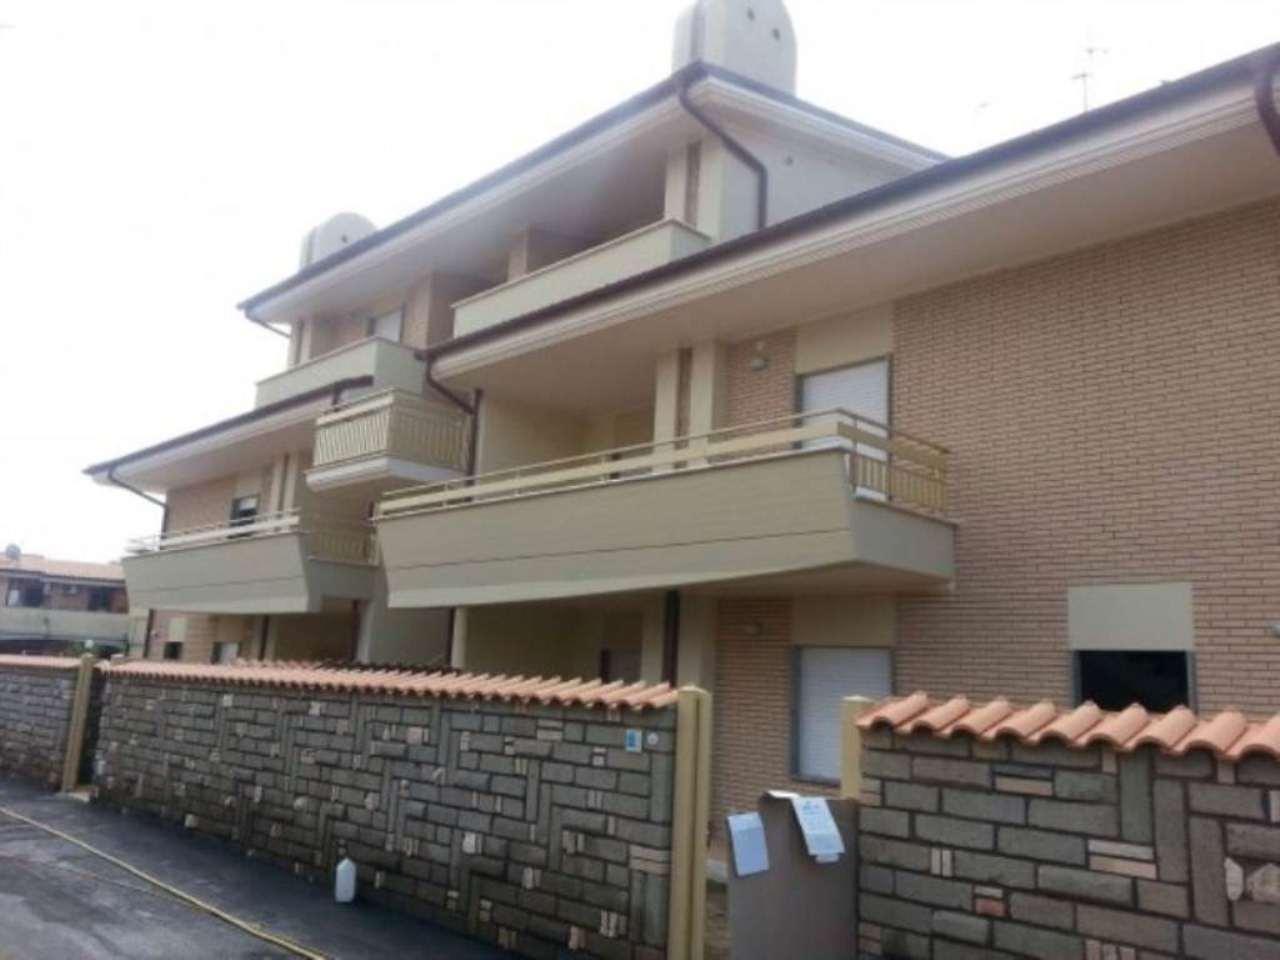 Attico / Mansarda in vendita a Anzio, 6 locali, prezzo € 280.000 | Cambio Casa.it